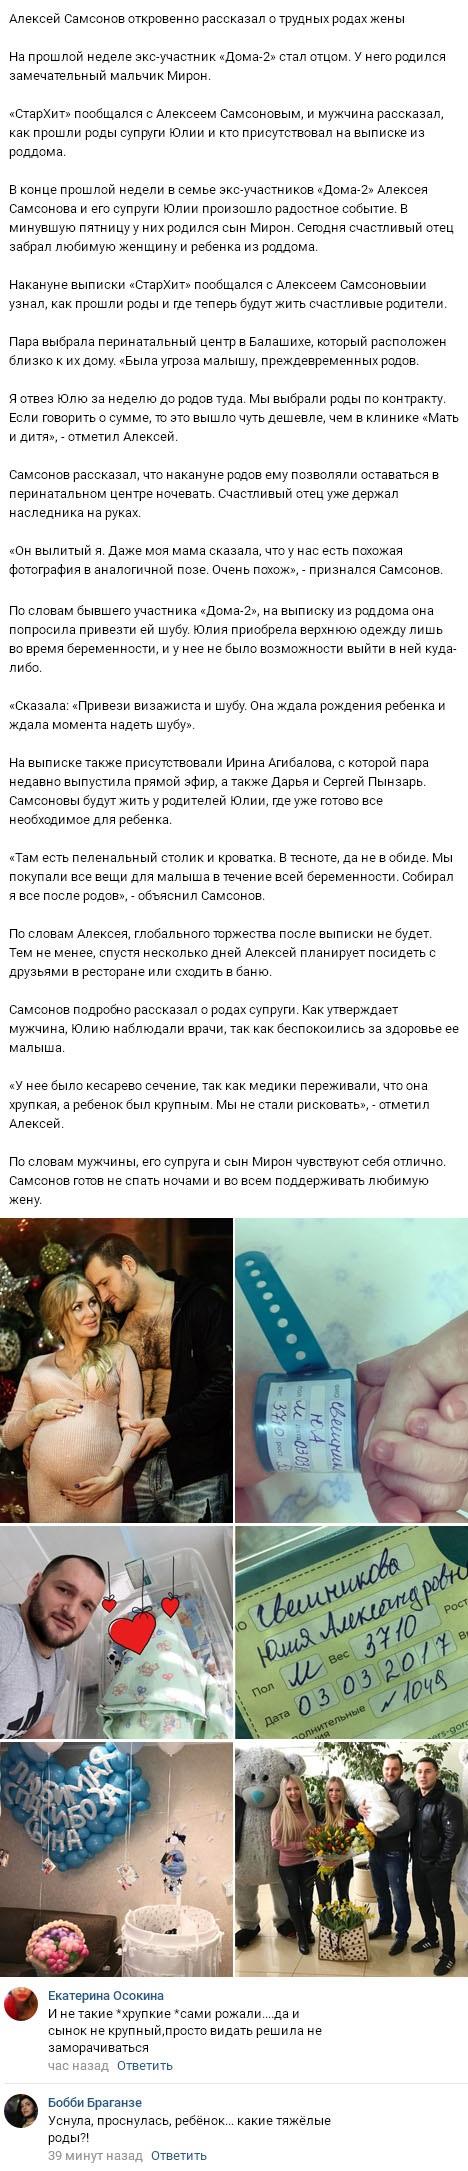 Юлии Щаулиной пришлось перенести тяжелые роды